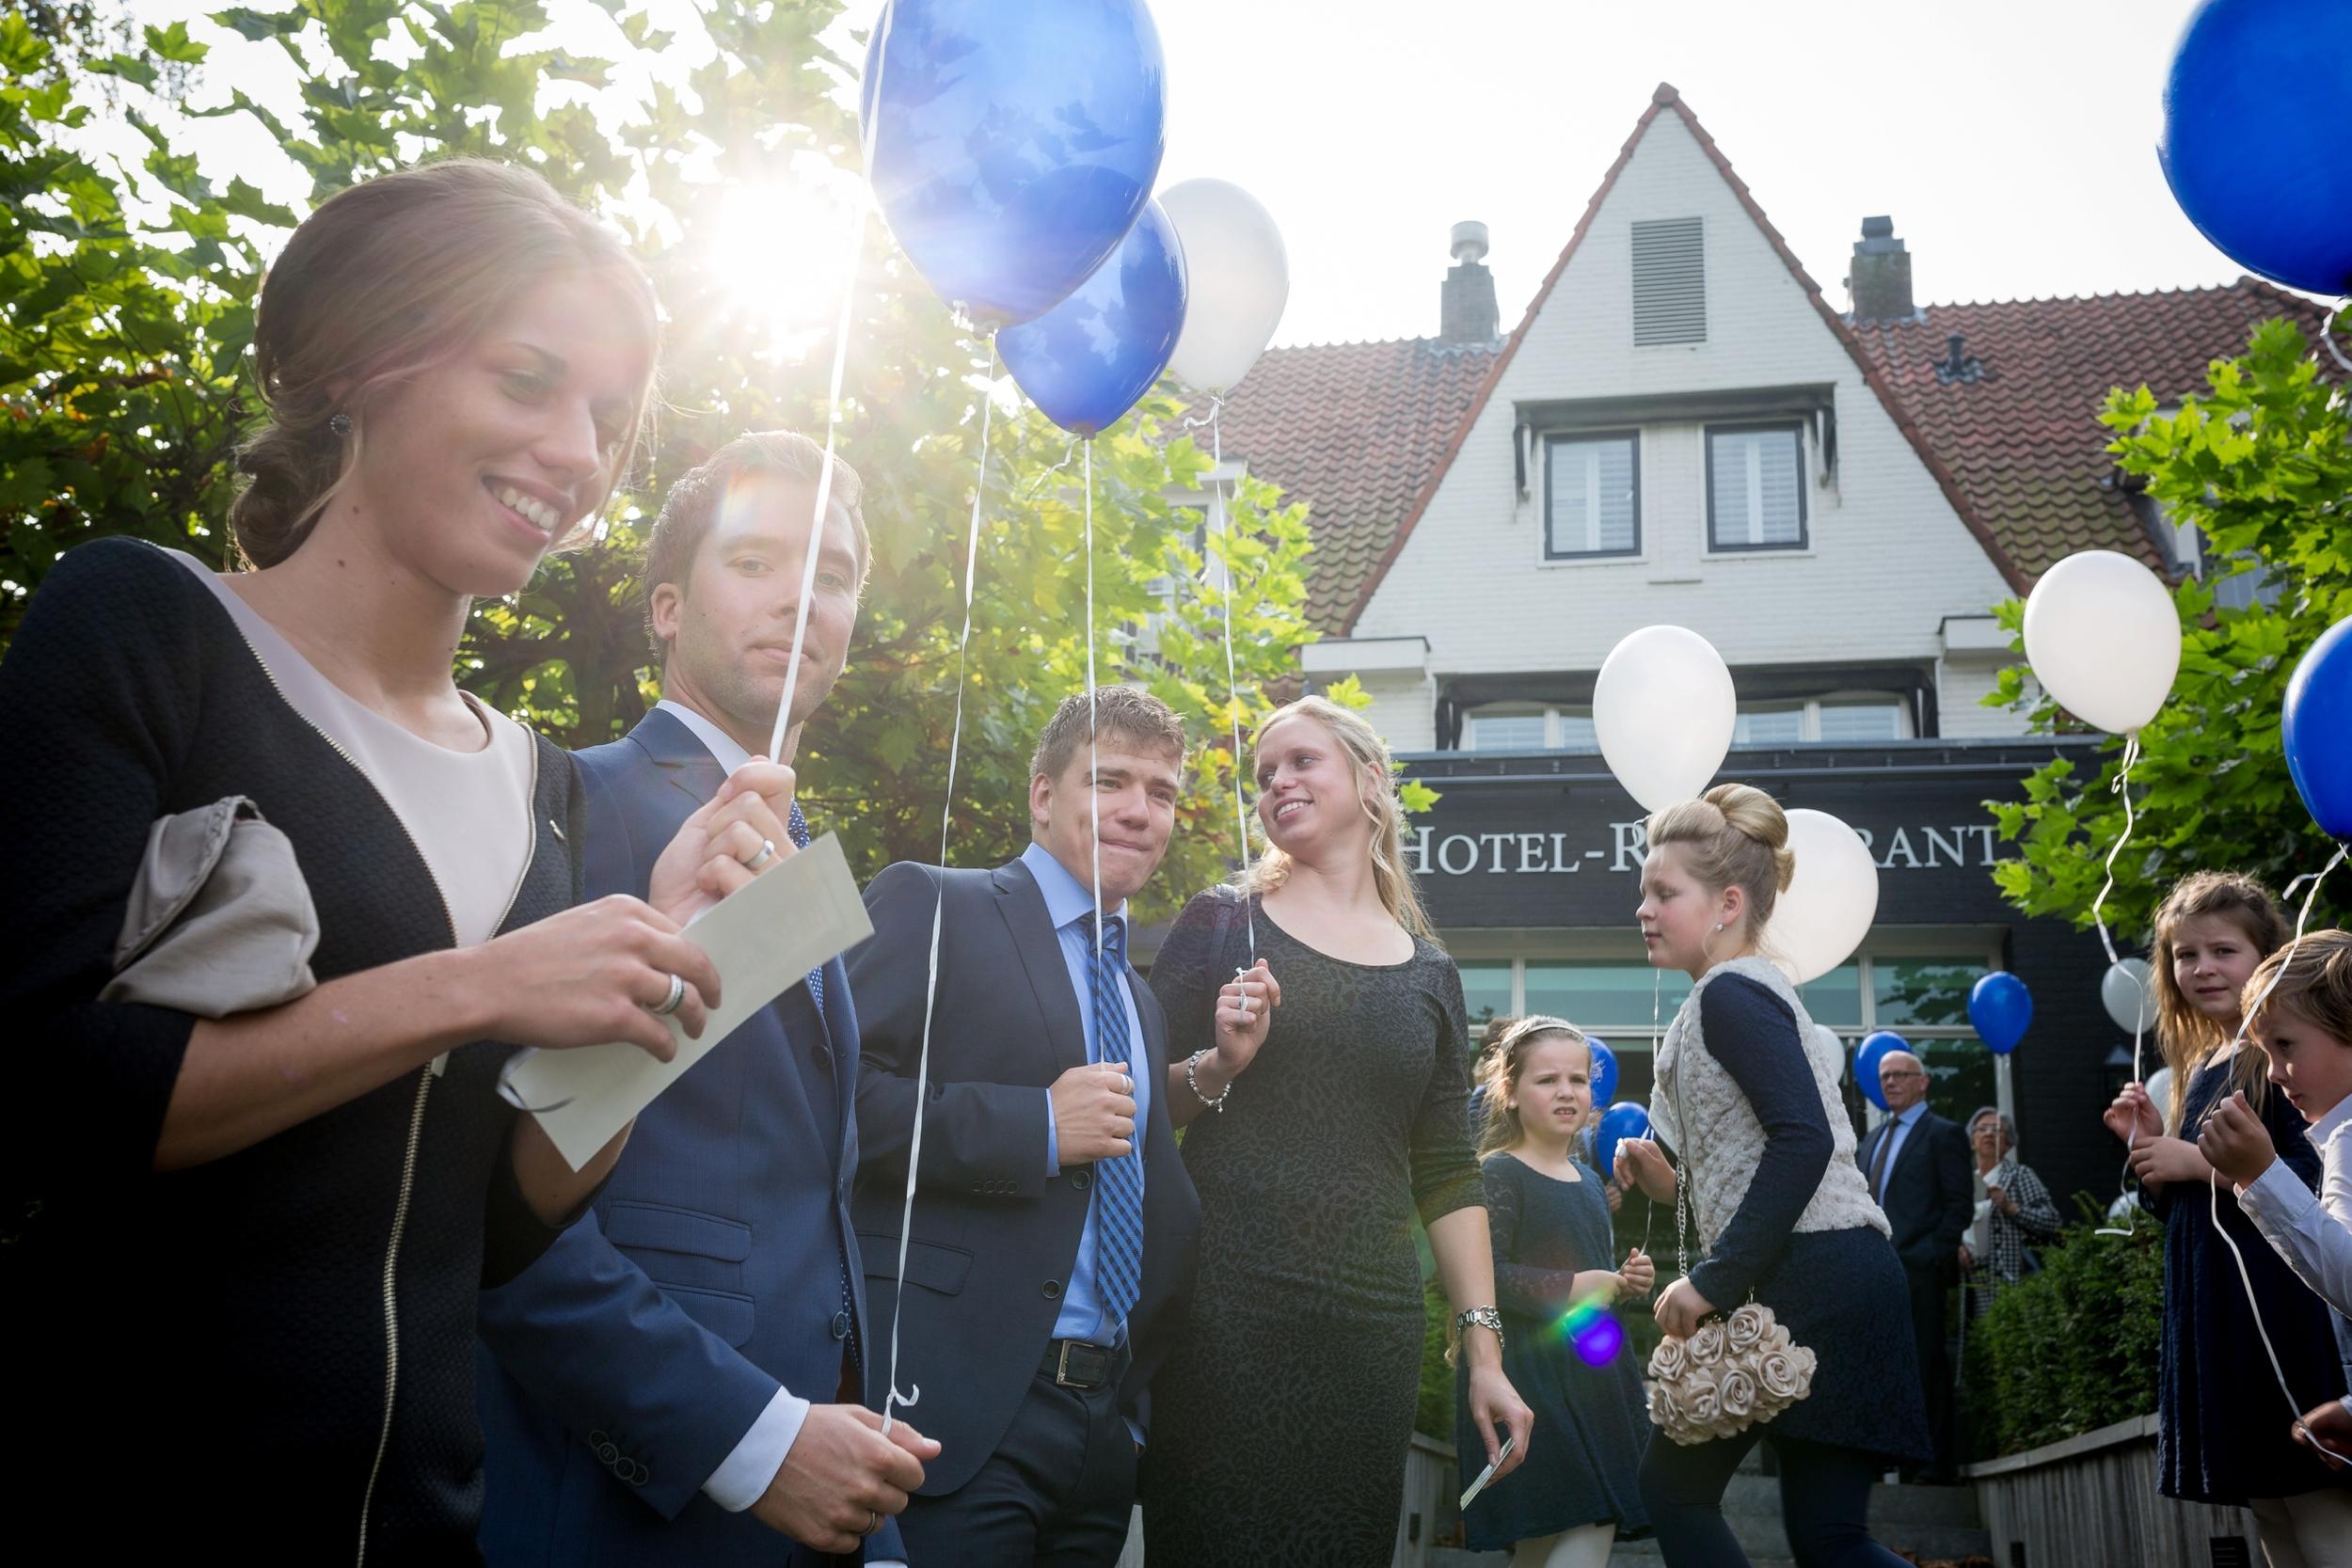 bruidsfotograaf-rijssen-utrecht-fotograaf-trouwen-bruiloft_0231.jpg